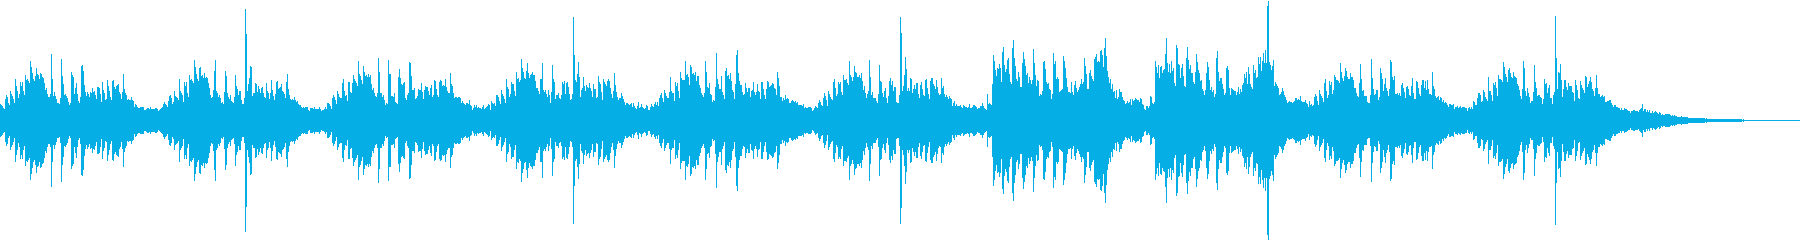 おだやかでゆったりとしたピアノバラードの再生済みの波形